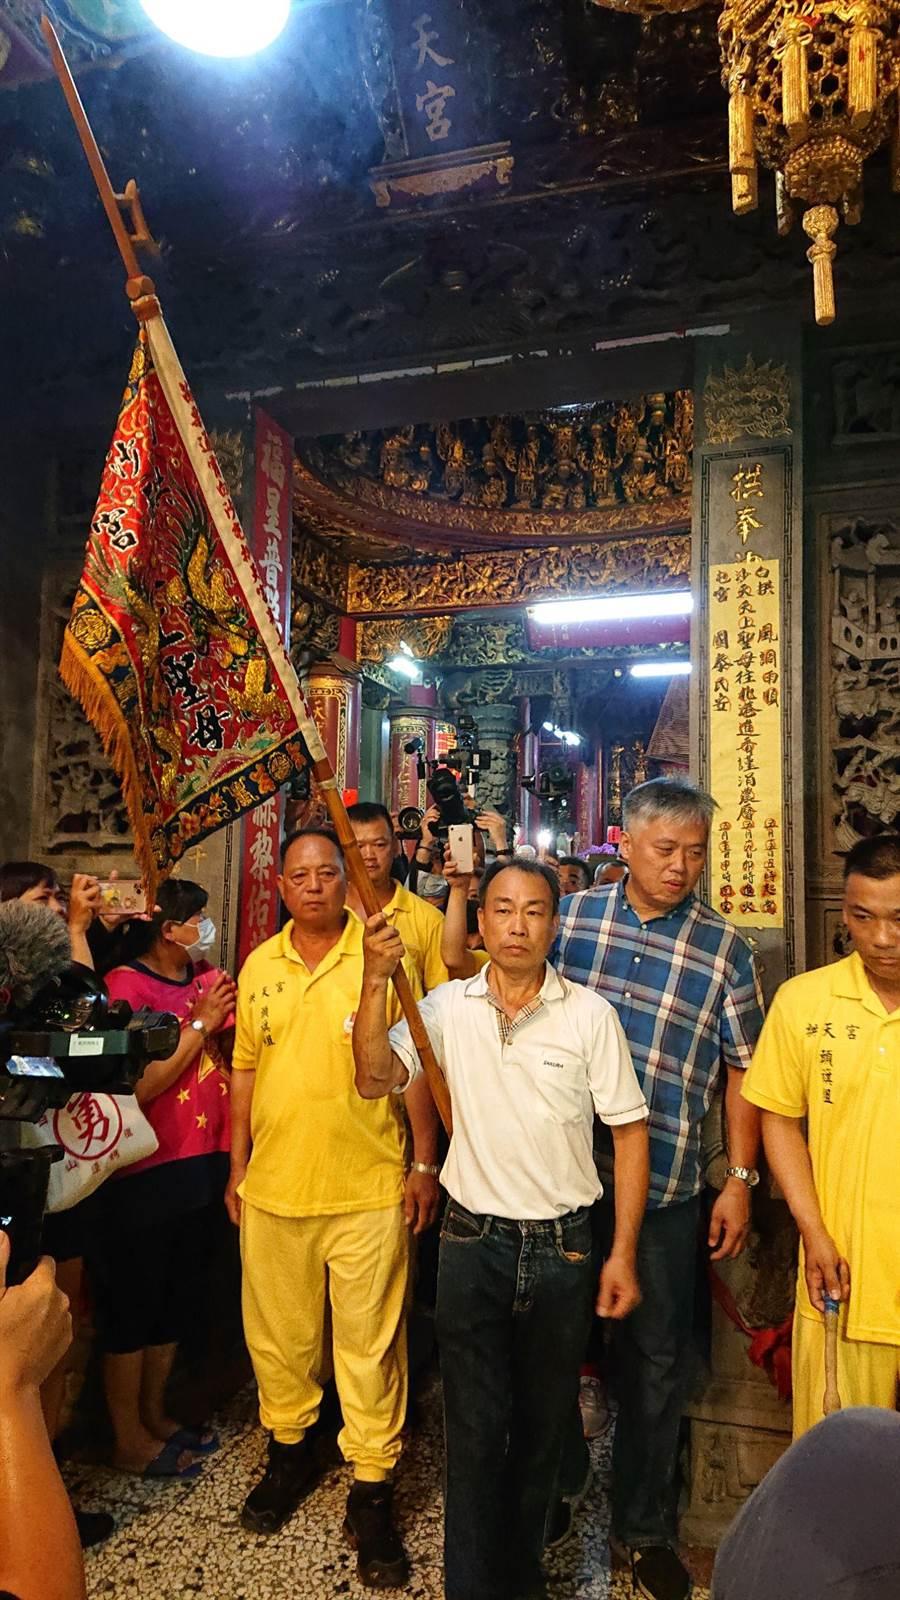 白沙屯媽祖進香,7月1日深夜11點20分放頭旗,為活動揭開序幕。(白沙屯媽祖婆網站提供/巫靜婷苗栗傳真)